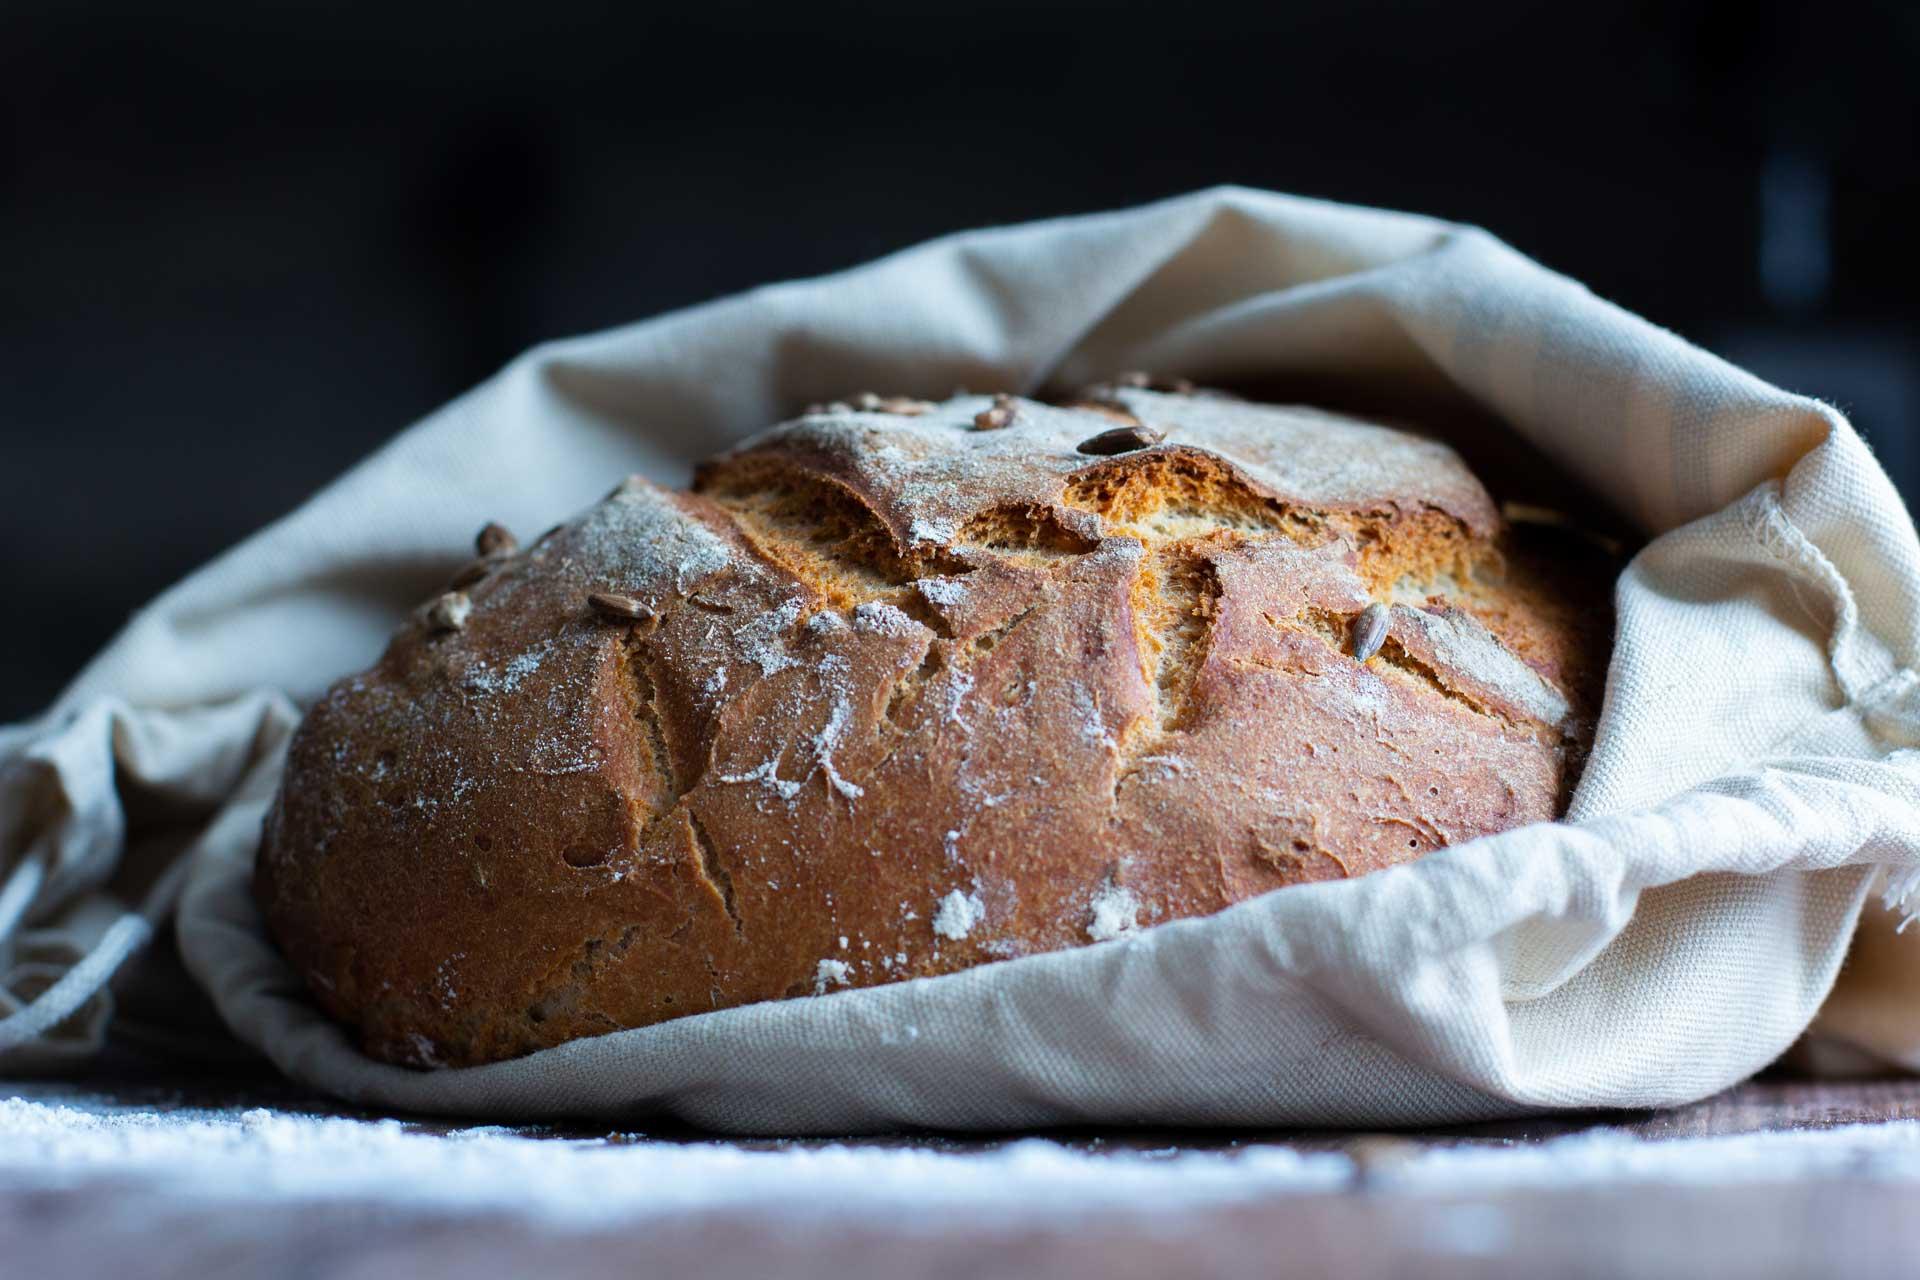 Frisches Brot mit Dunklem Hintergrund